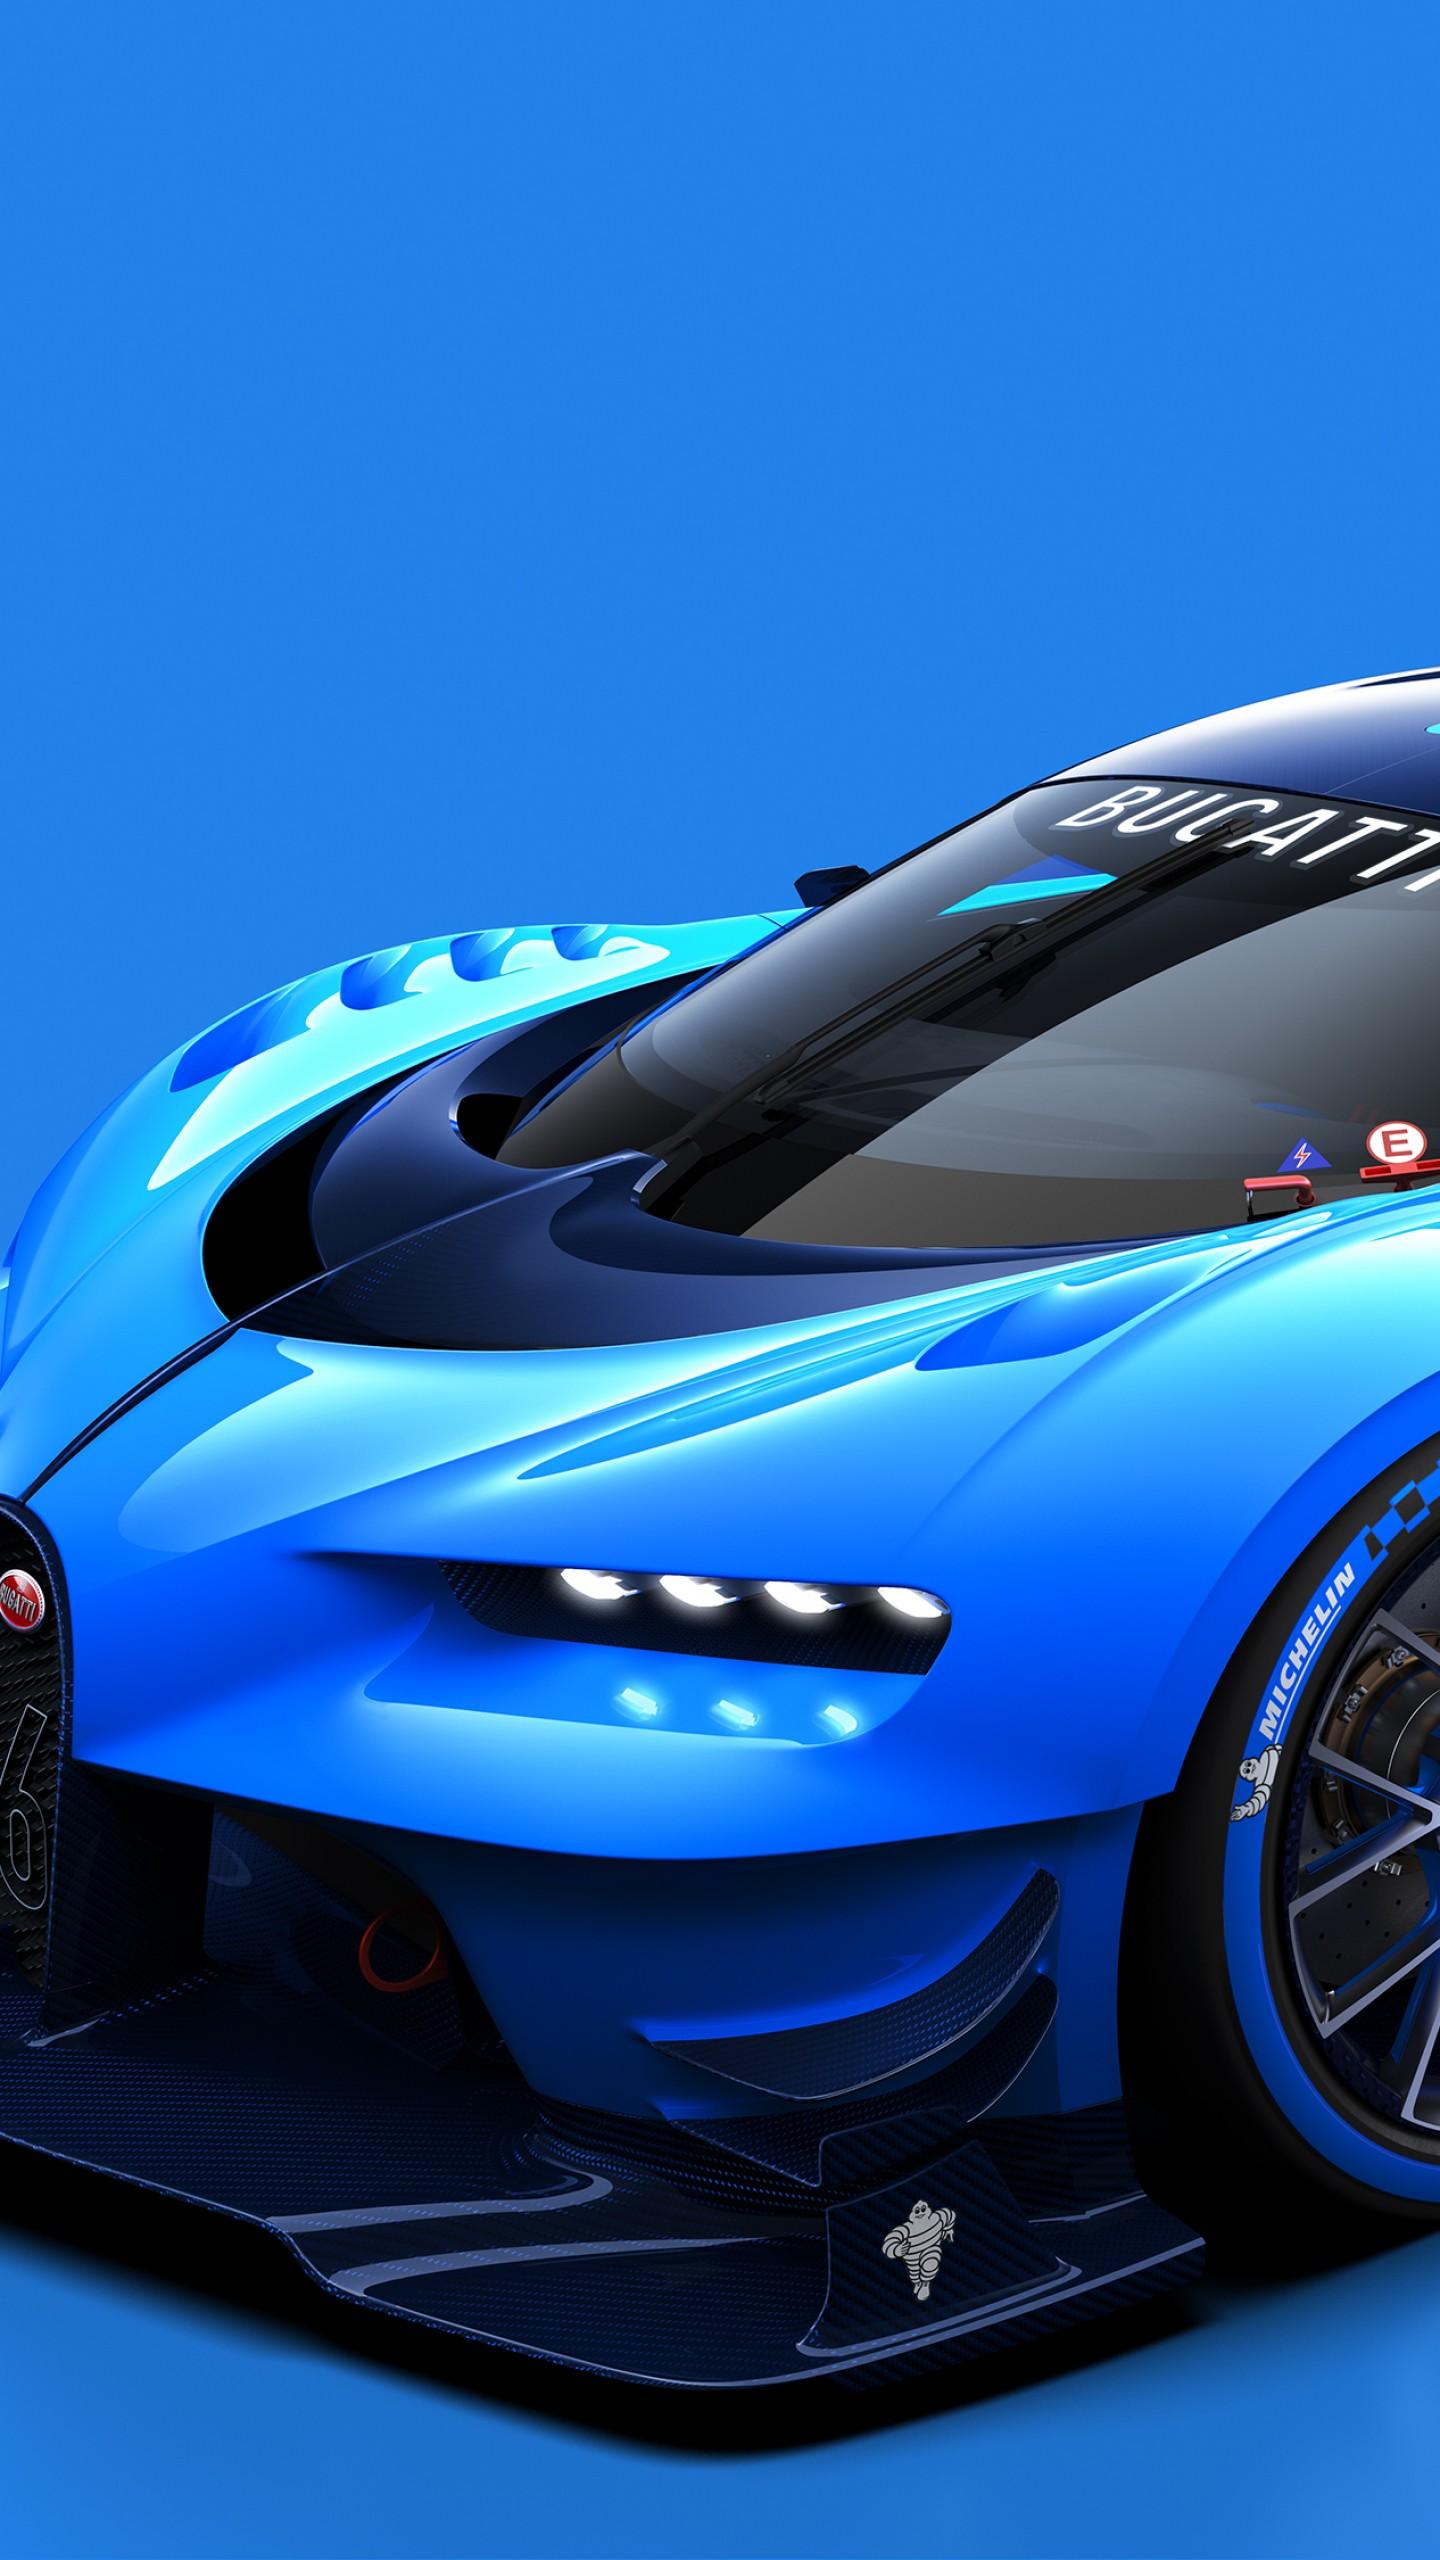 Wallpaper Bugatti Vision Gran Turismo Bugatti Grand